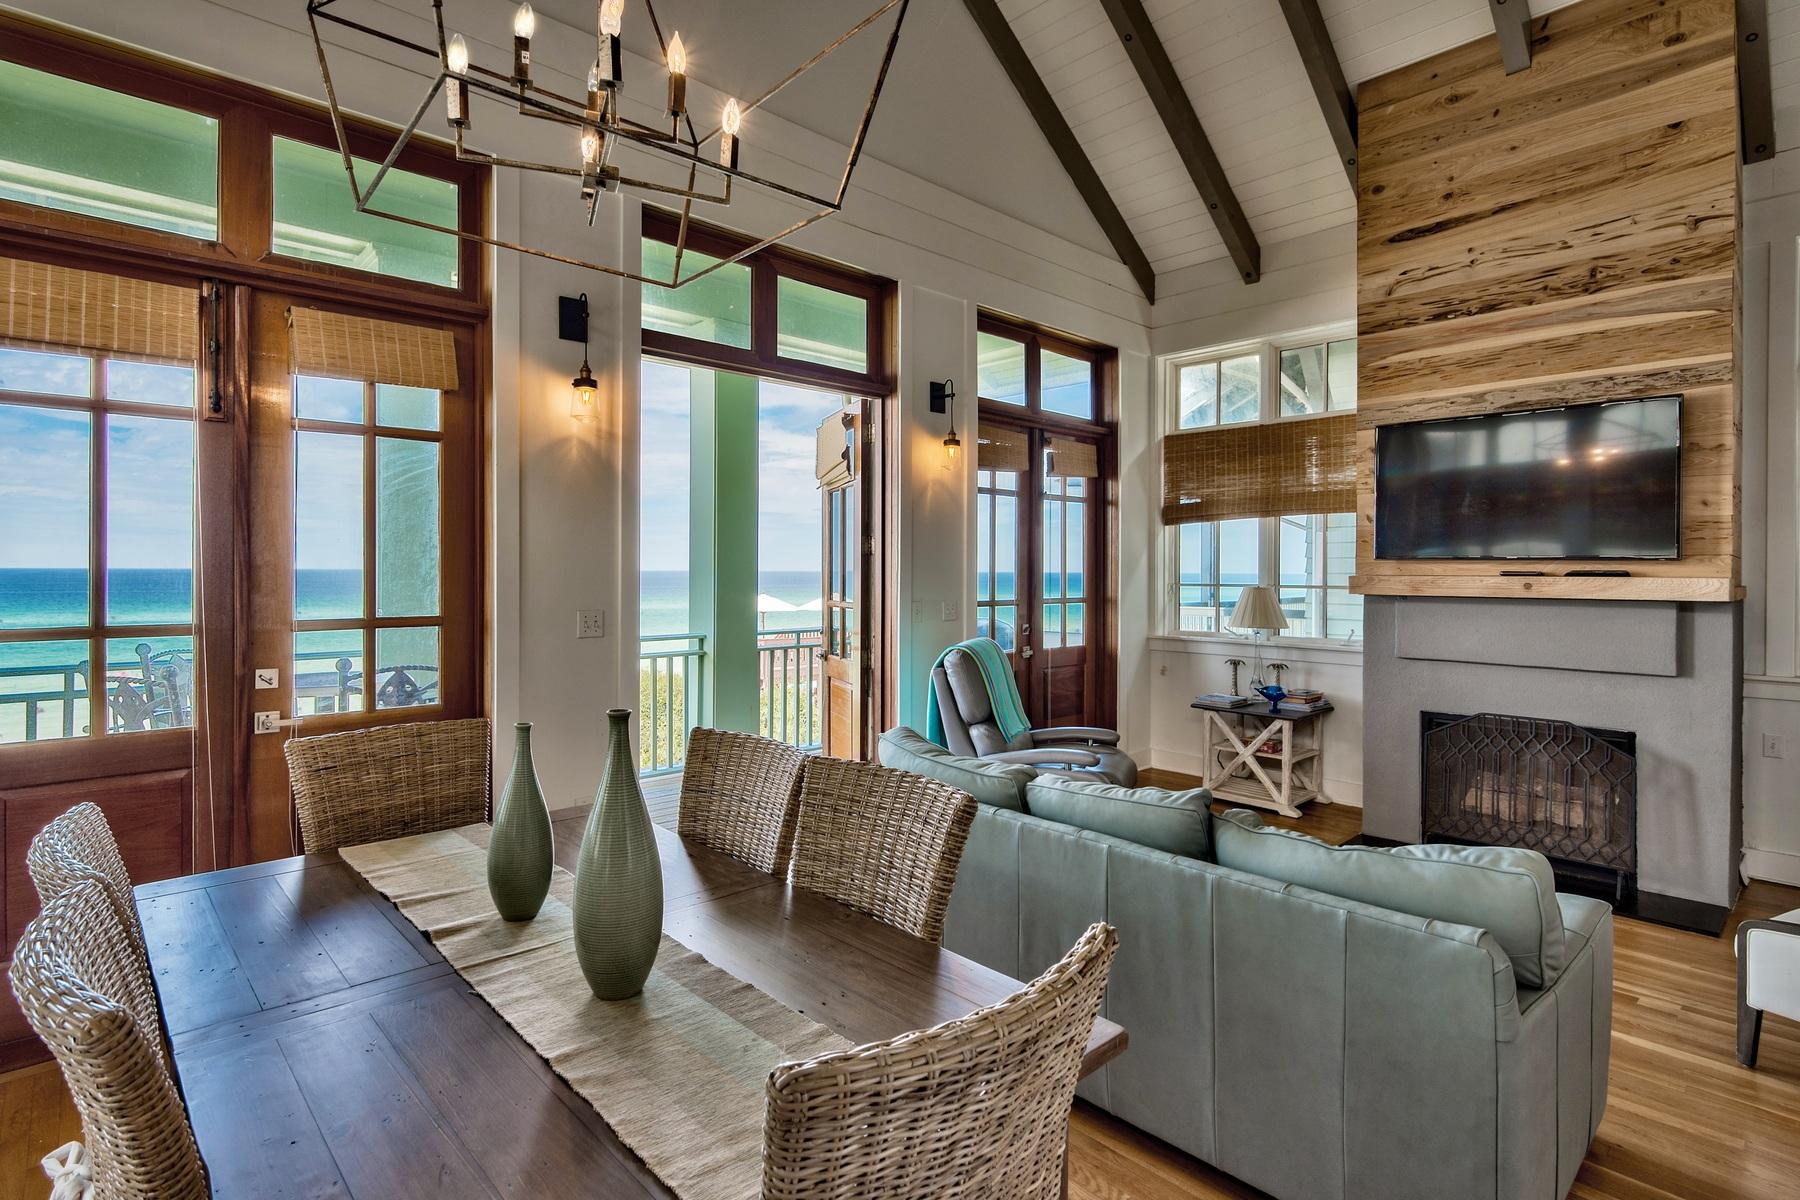 단독 가정 주택 용 매매 에 EXTRAORDINARY GULF FRONT HOME IN THE HEART OF ROSEMARY BEACH 22 Atwoods Court Rosemary Beach, Rosemary Beach, 플로리다, 32461 미국